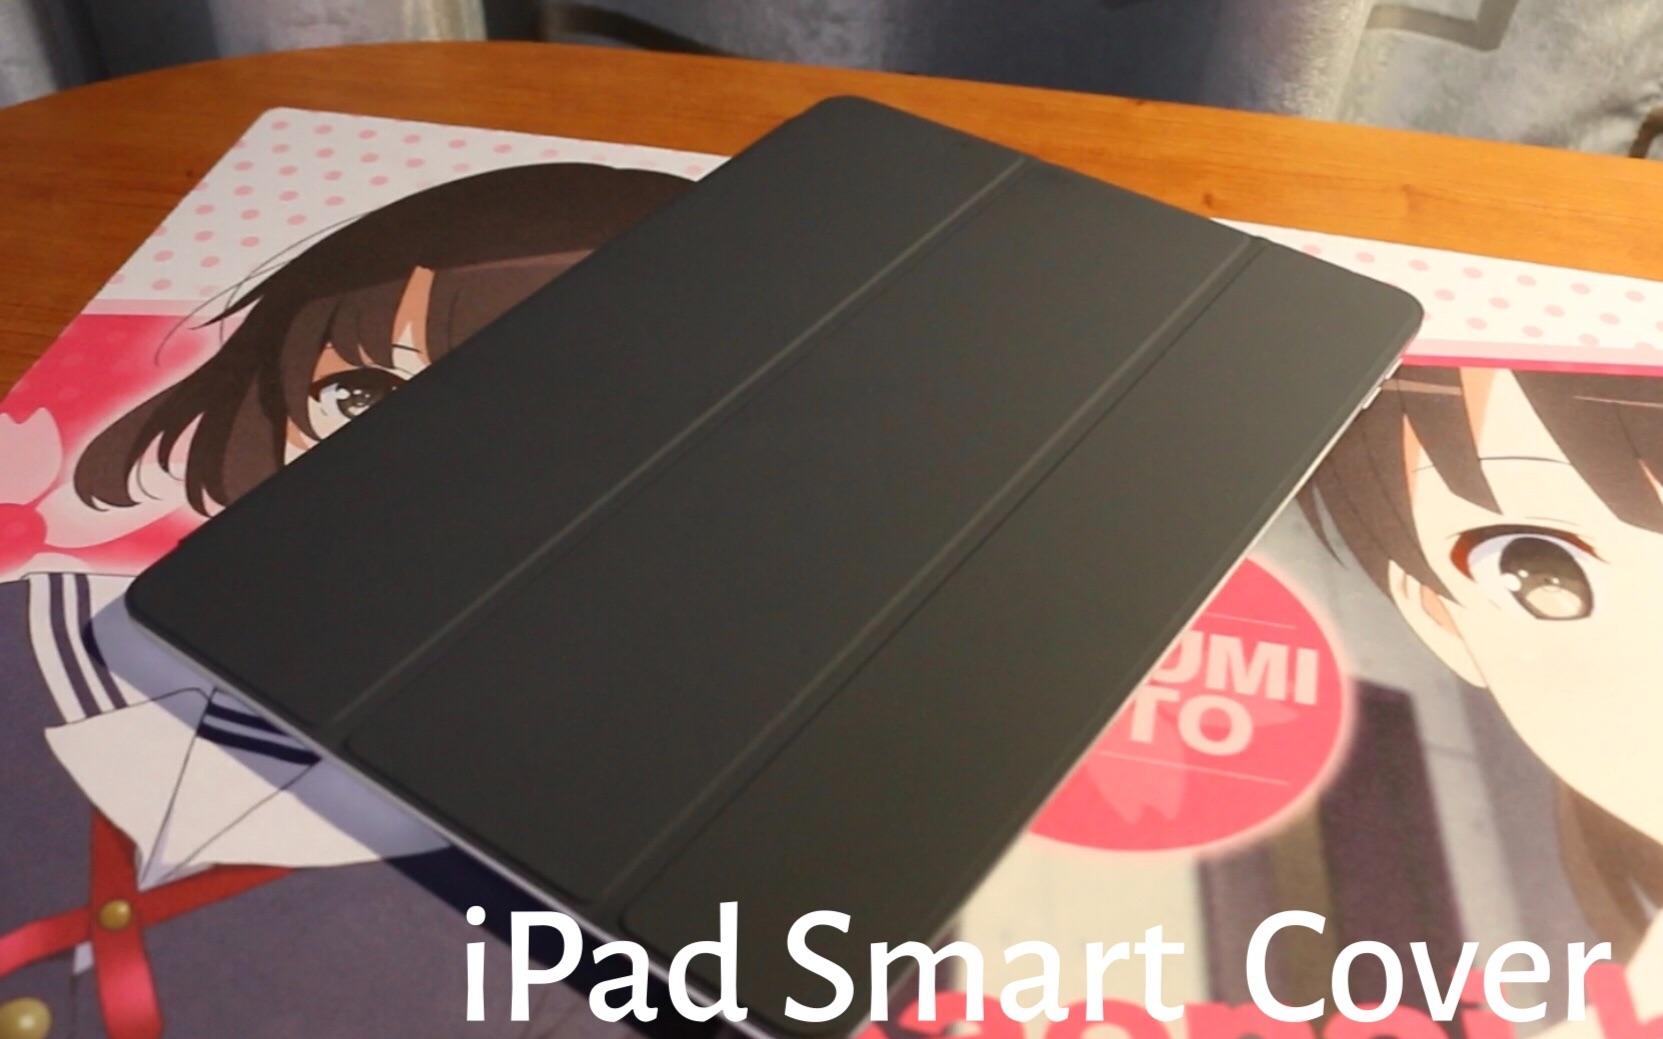 一款有趣的iPad官方保护套——————iPad smart cover